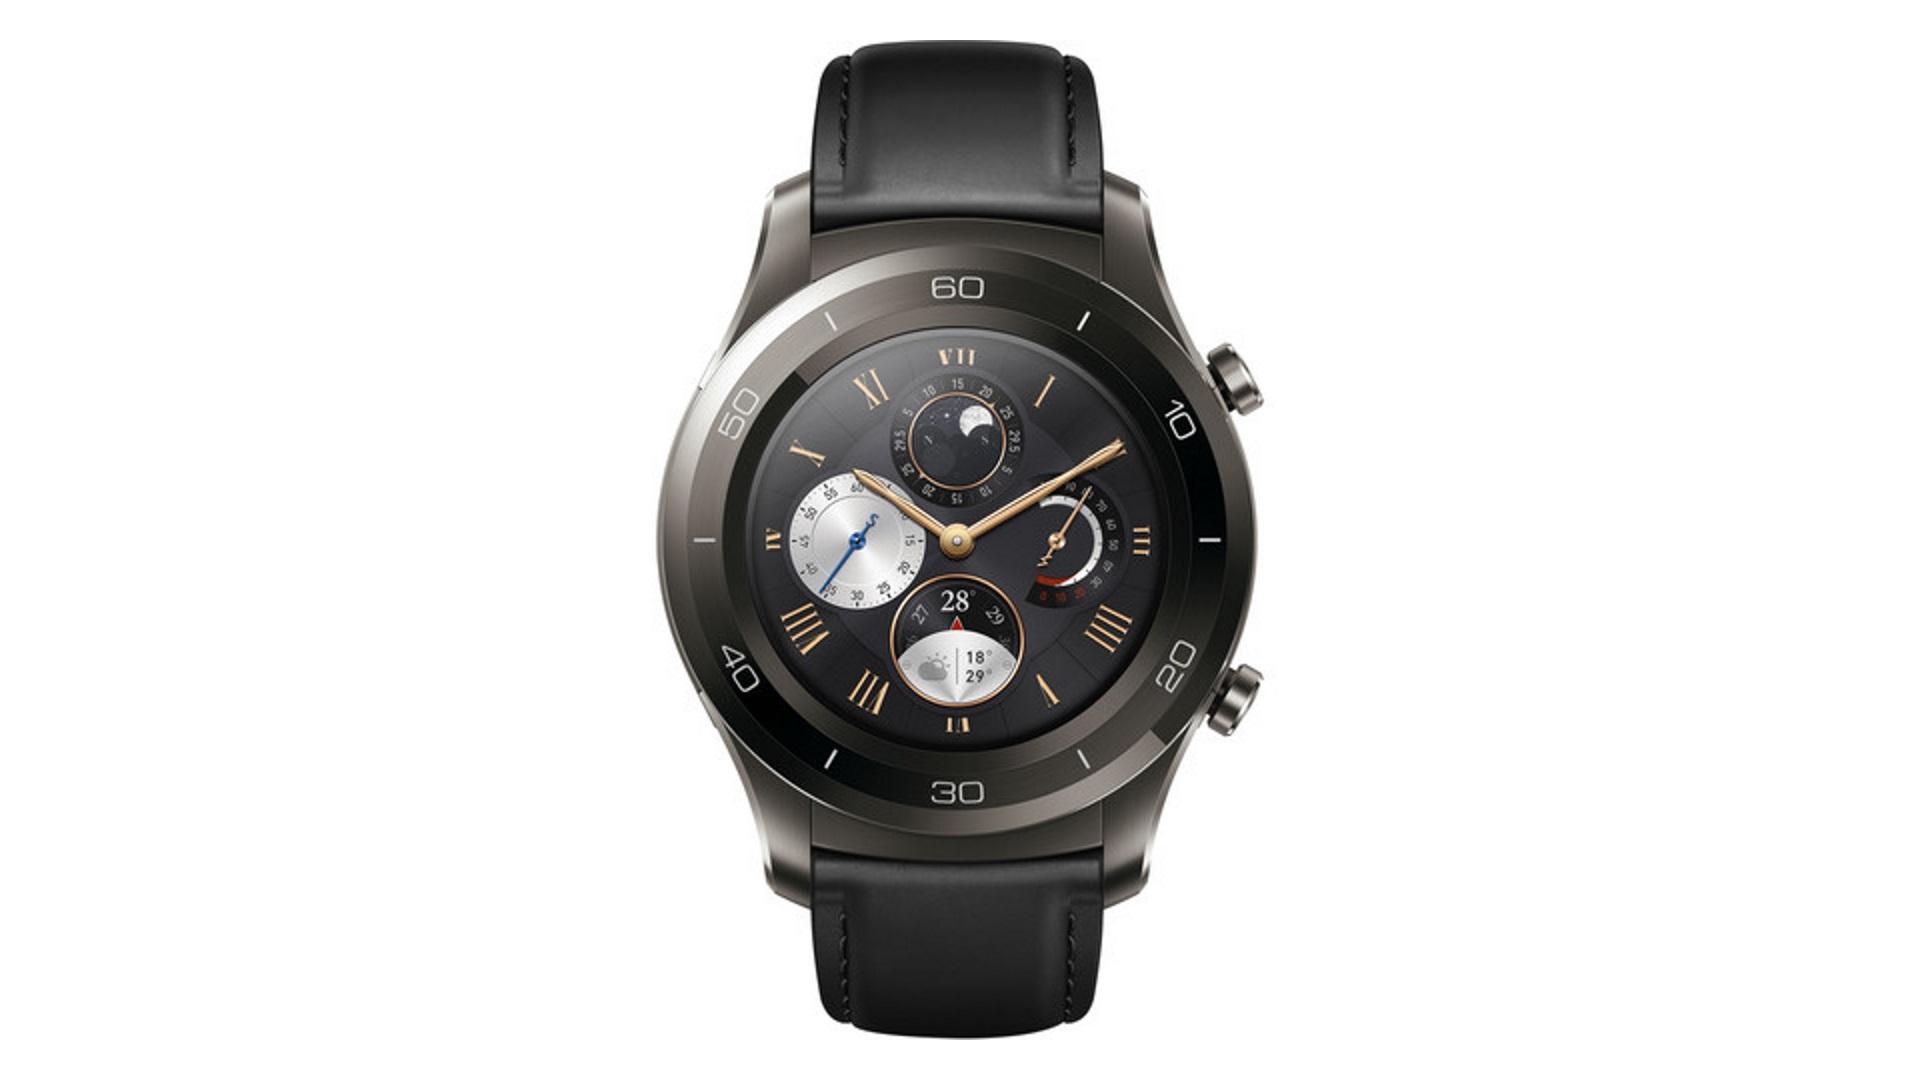 「Huawei Watch 2 Classic」が米国で発売、B&H から直輸入が可能に